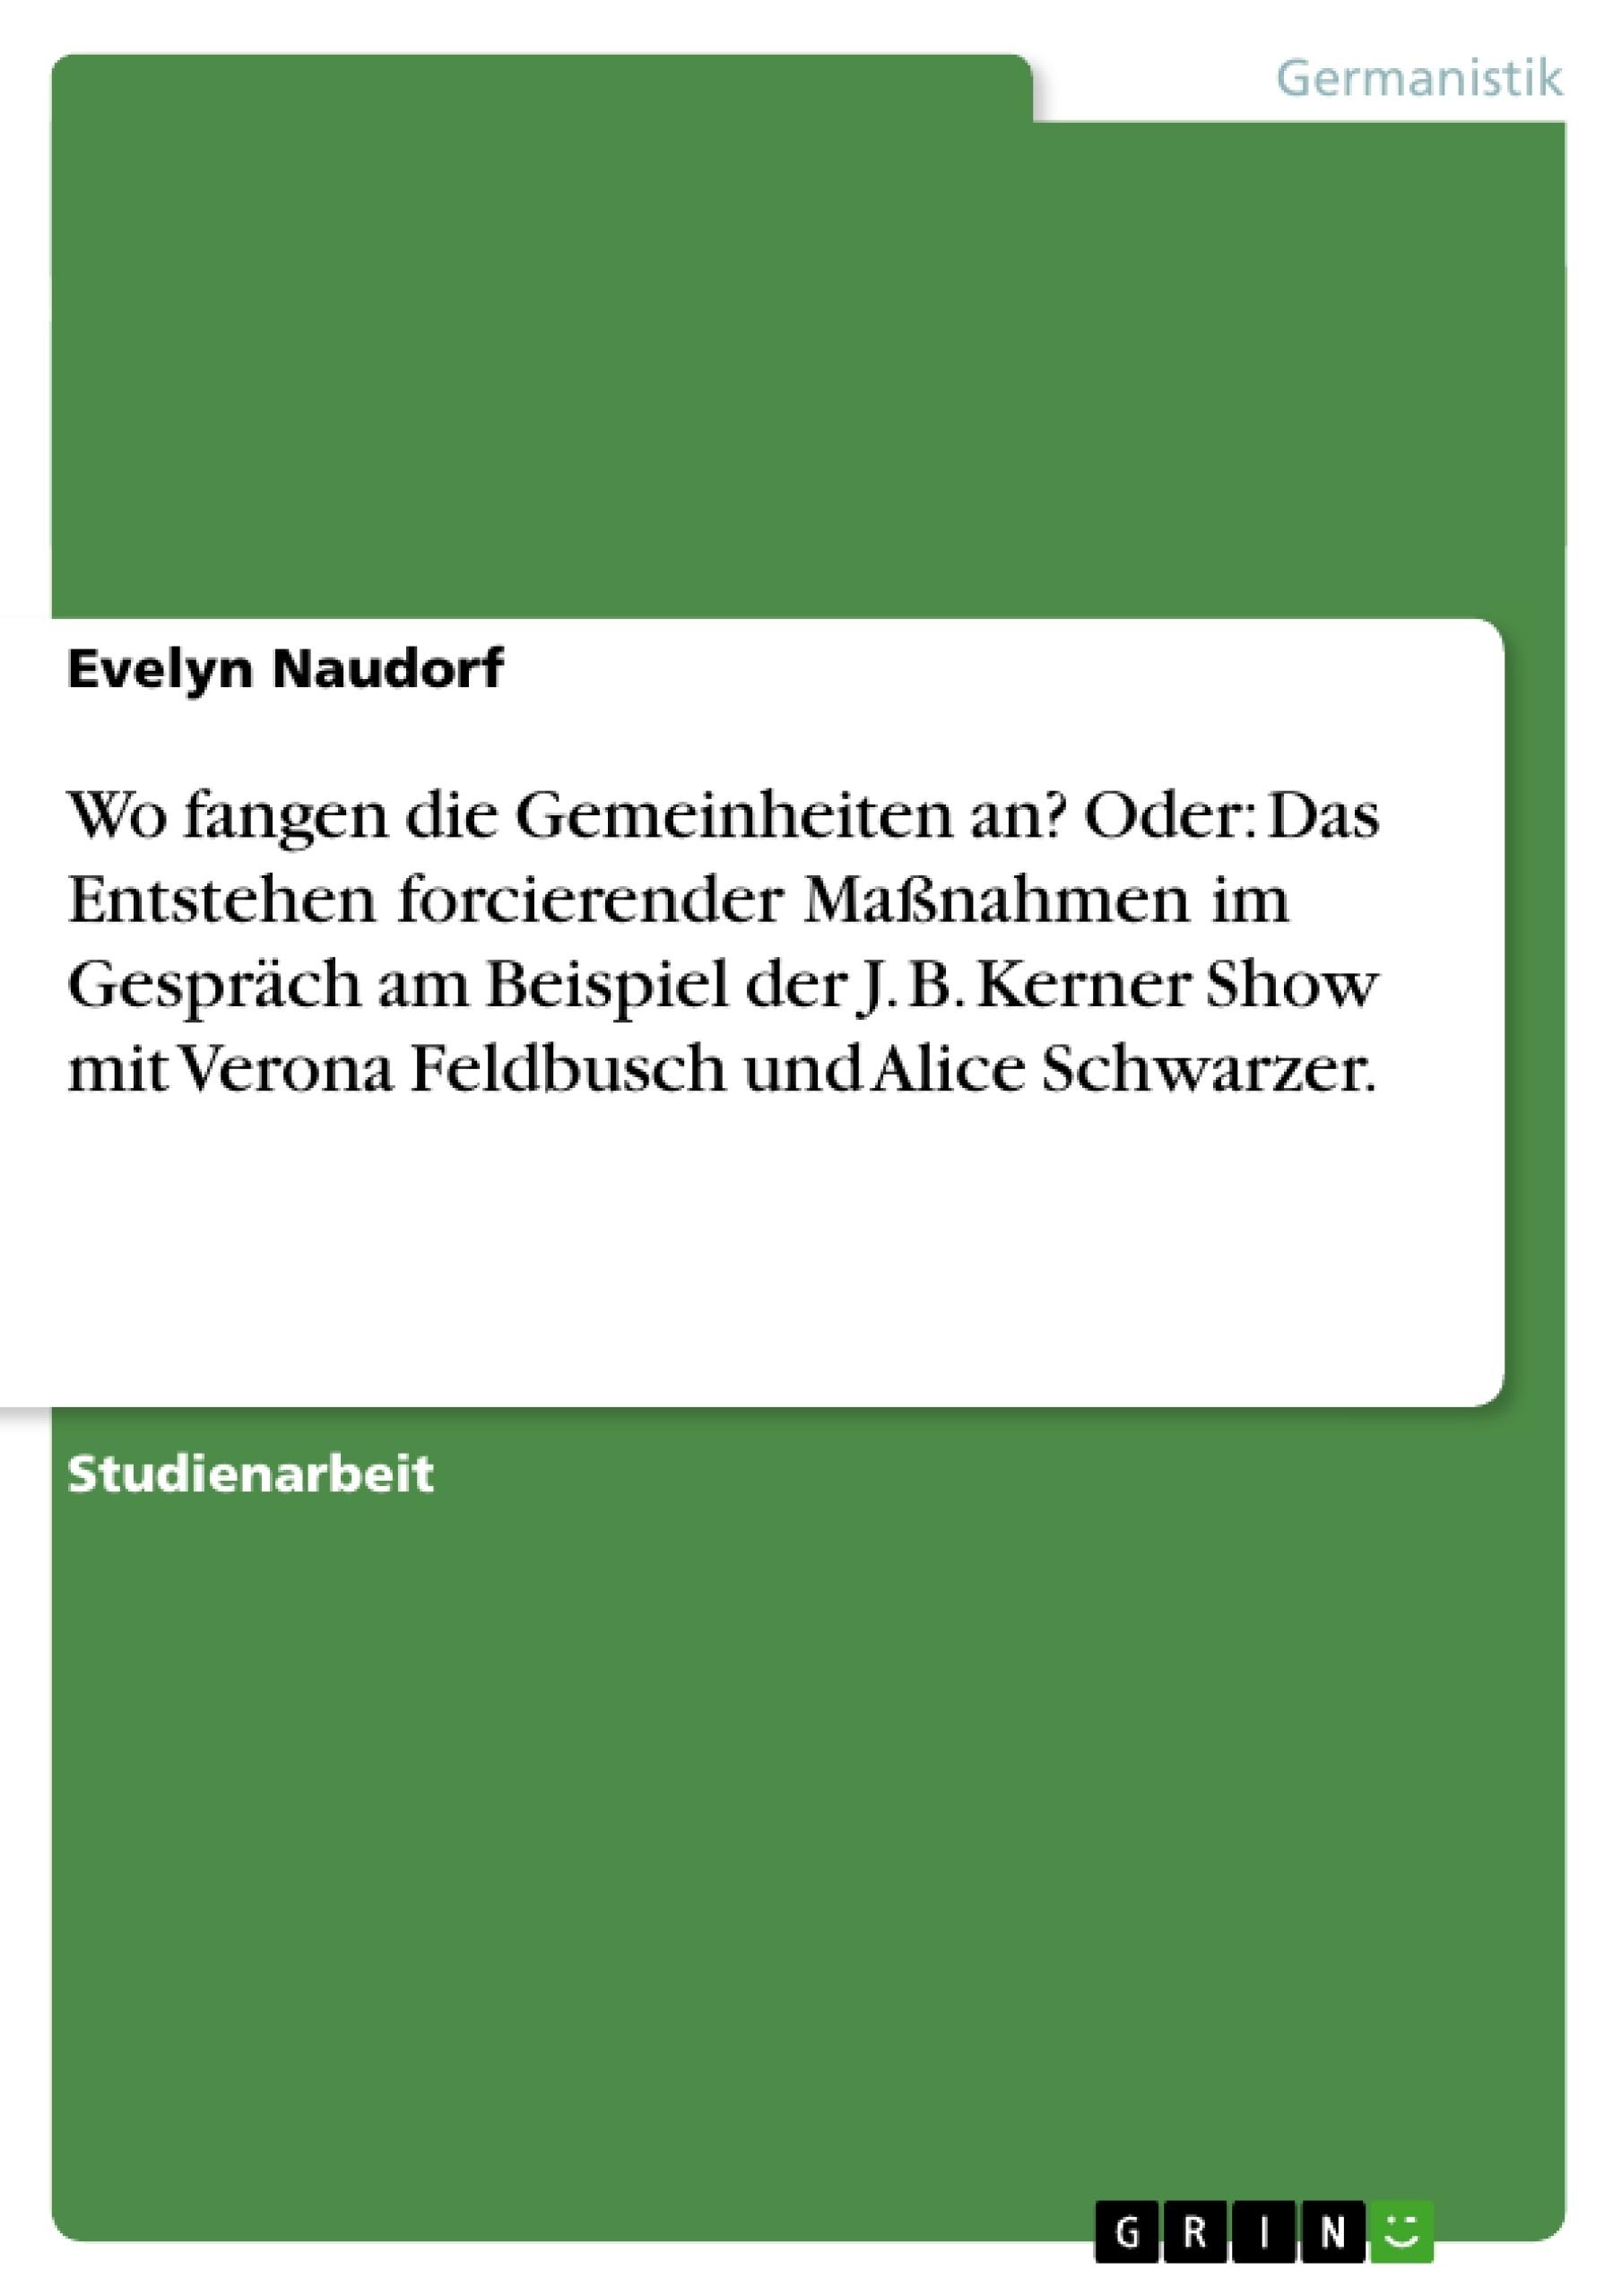 Titel: Wo fangen die Gemeinheiten an? Oder: Das Entstehen forcierender Maßnahmen im Gespräch am Beispiel der J. B. Kerner Show mit Verona Feldbusch und Alice Schwarzer.